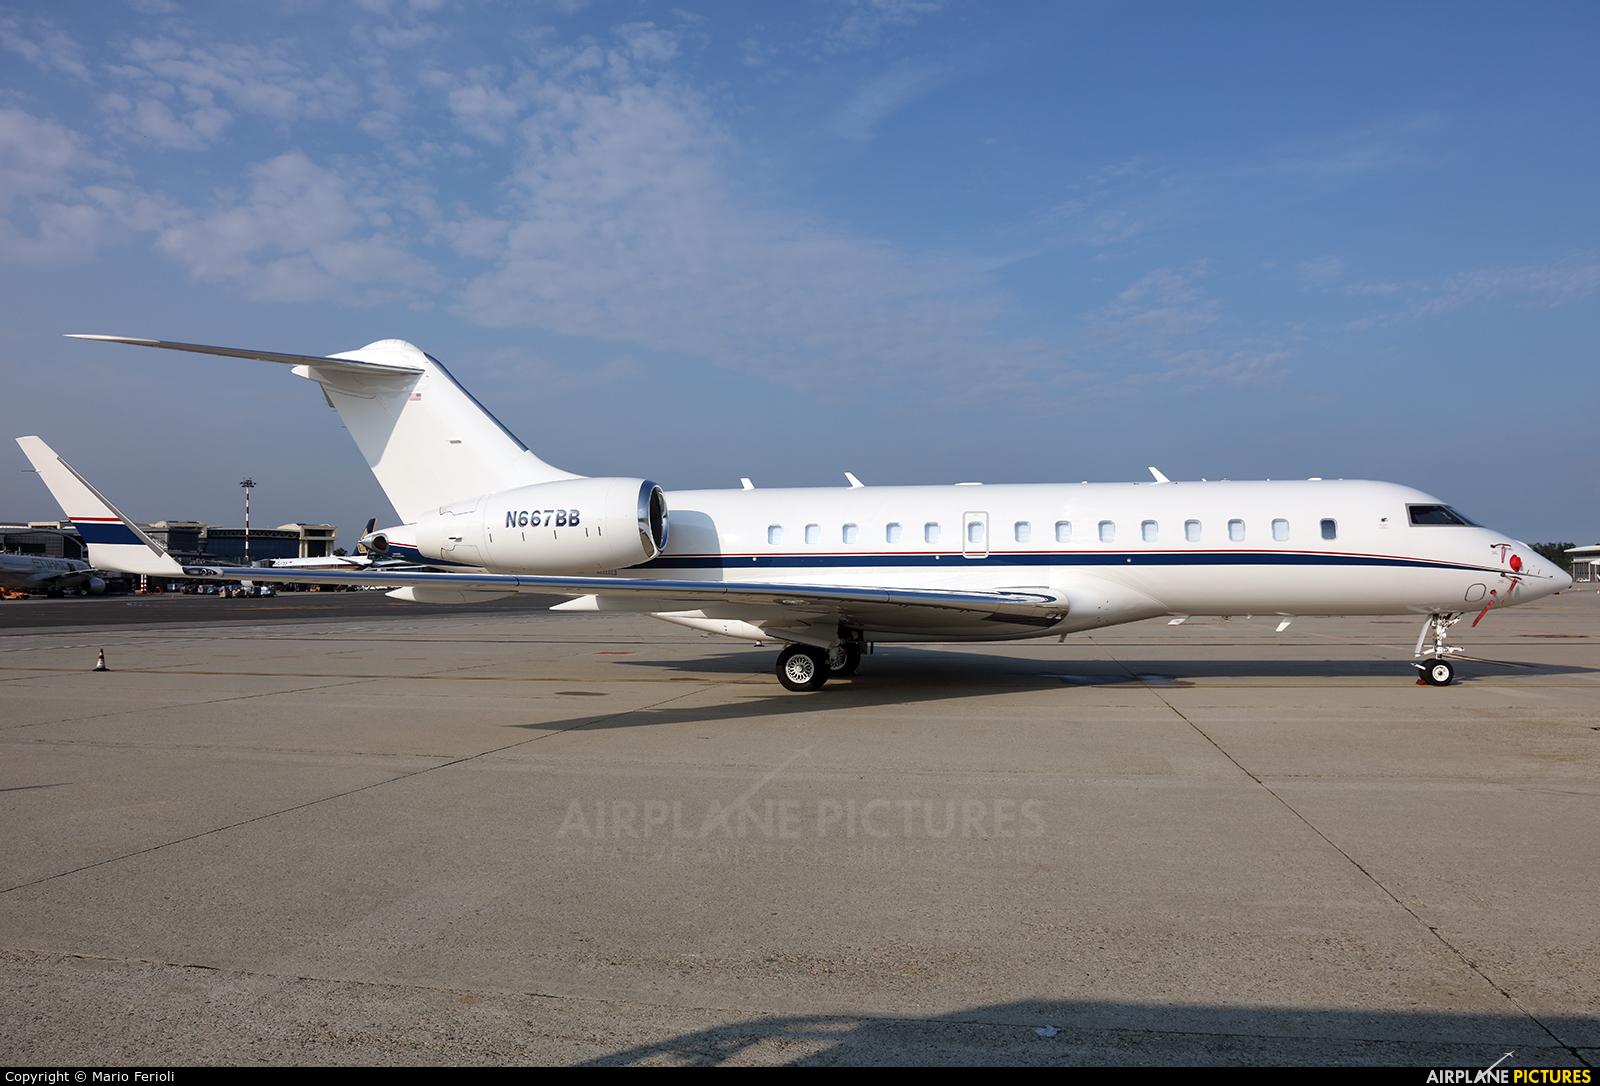 Private N667BB aircraft at Milan - Malpensa